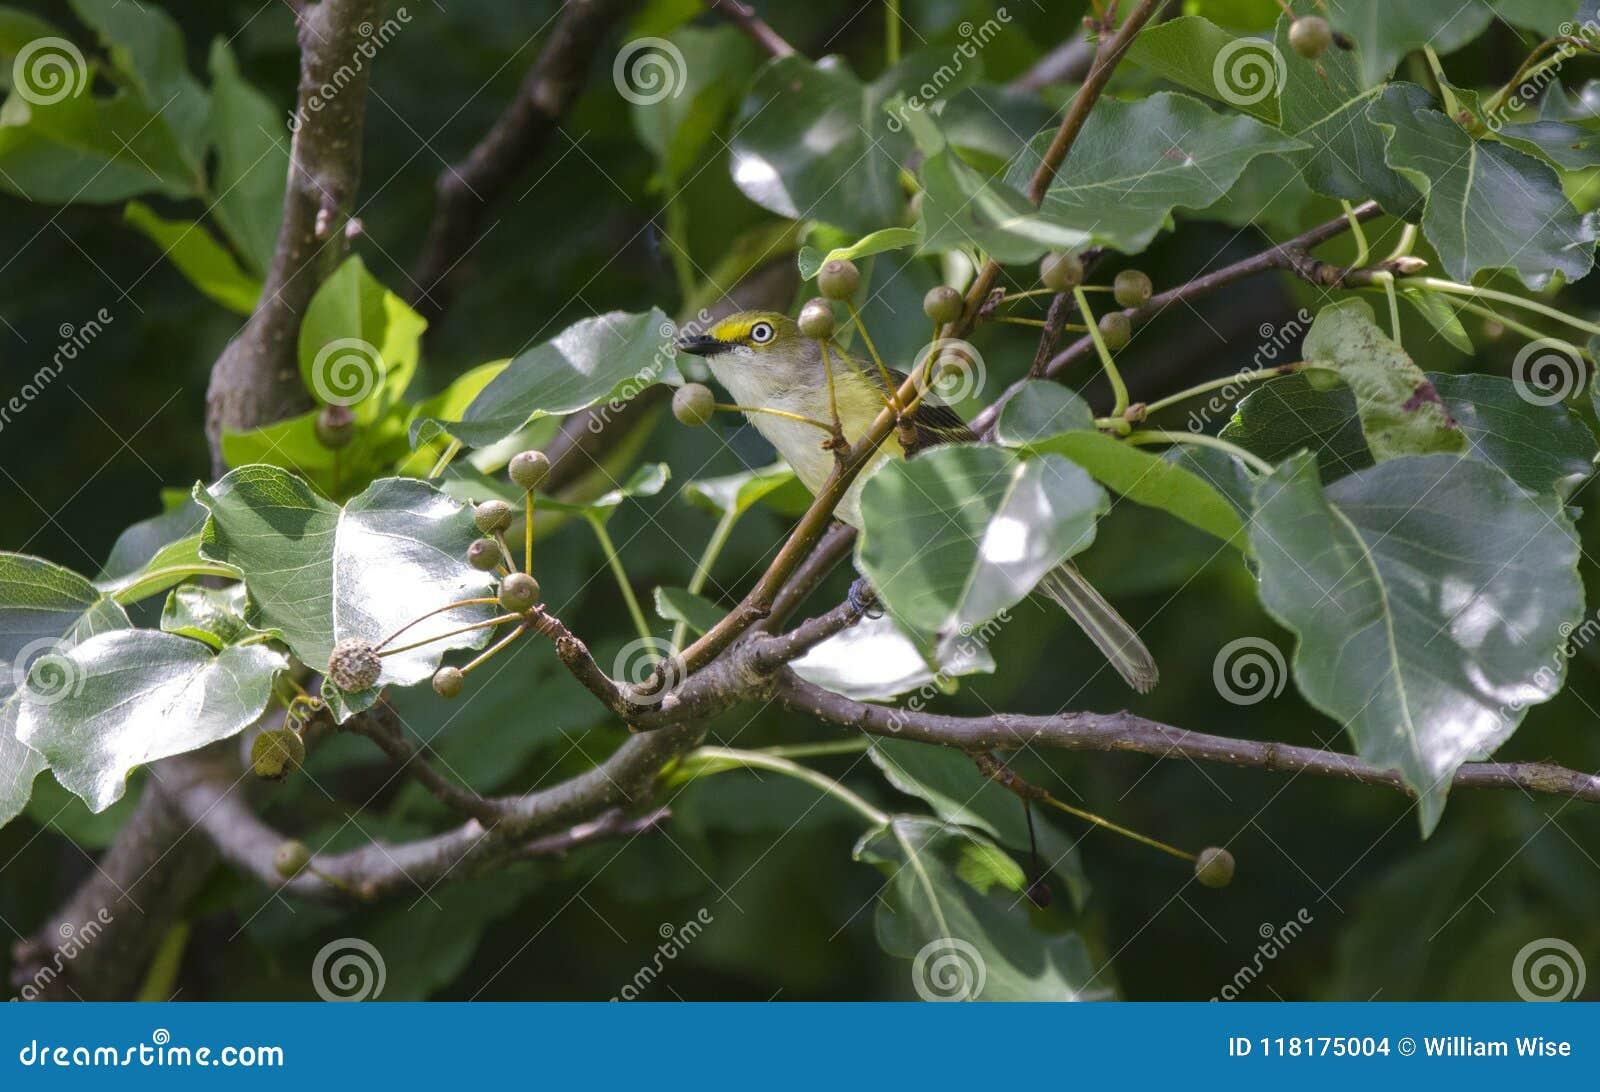 Aves canoras Branco-eyed do tipo de pássaro que cantam em Bradford Pear Tree, Geórgia EUA